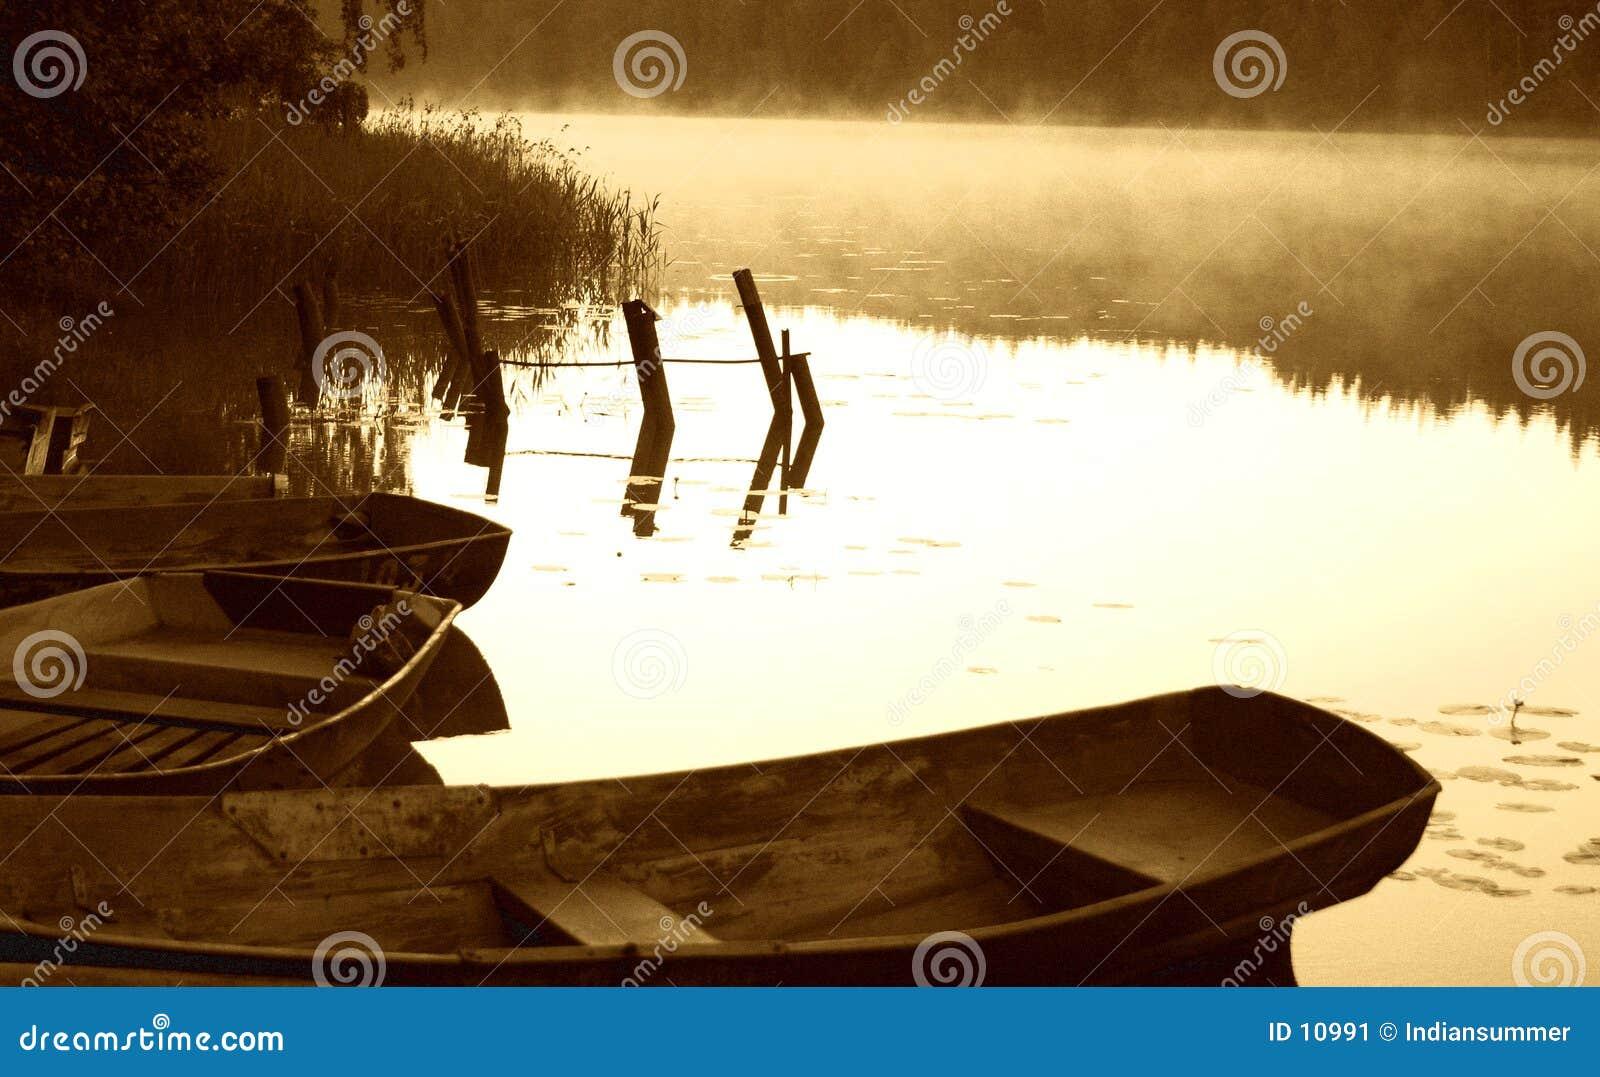 Esboço do amanhecer pelo lago nevoento com barcos